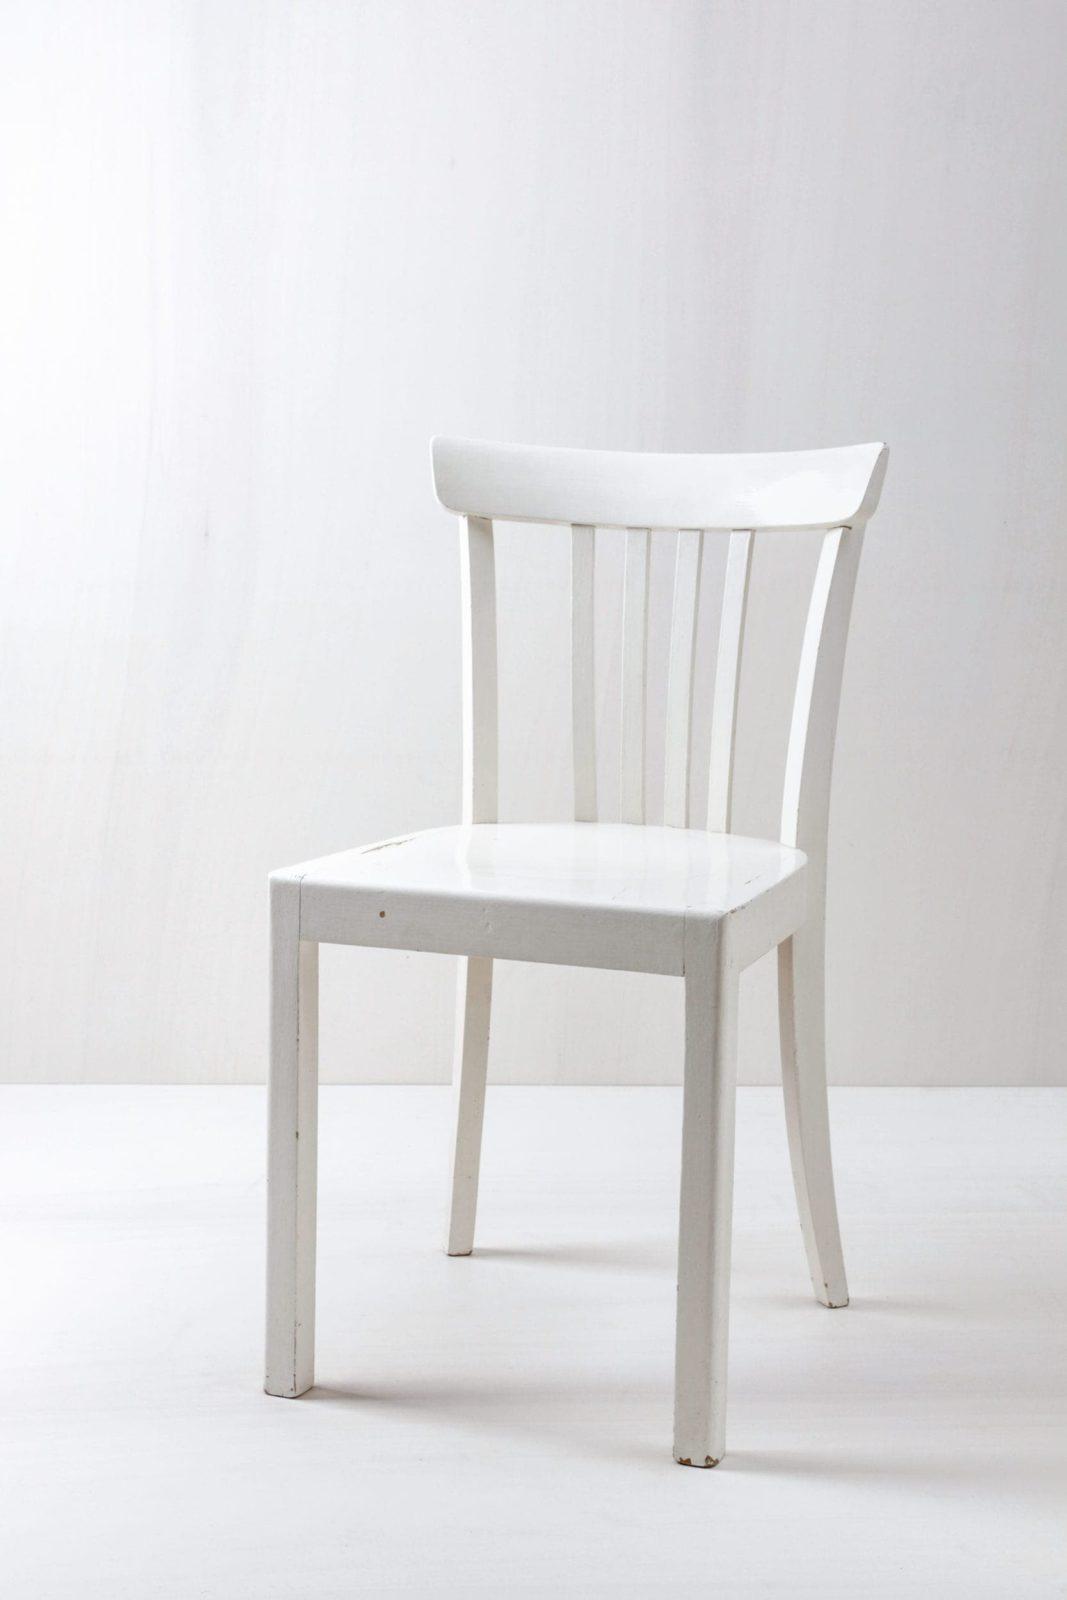 Küchenstuhl Mar | Vintage Küchenstuhl, seidenmatt weiss lackiert. | gotvintage Rental & Event Design